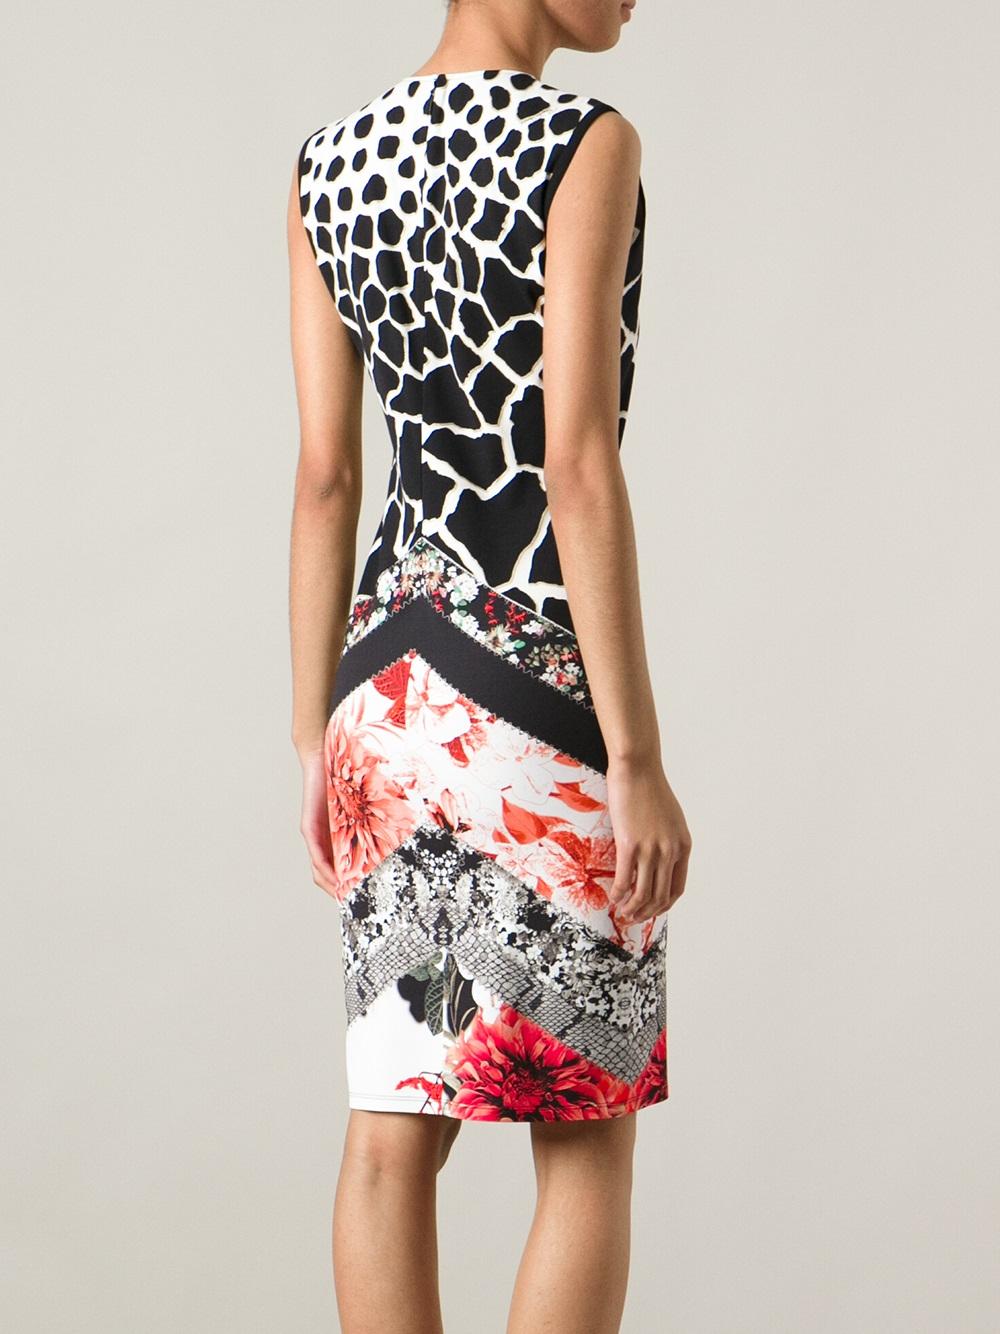 Roberto Cavalli Leopard Print Floral Dress In Black Lyst